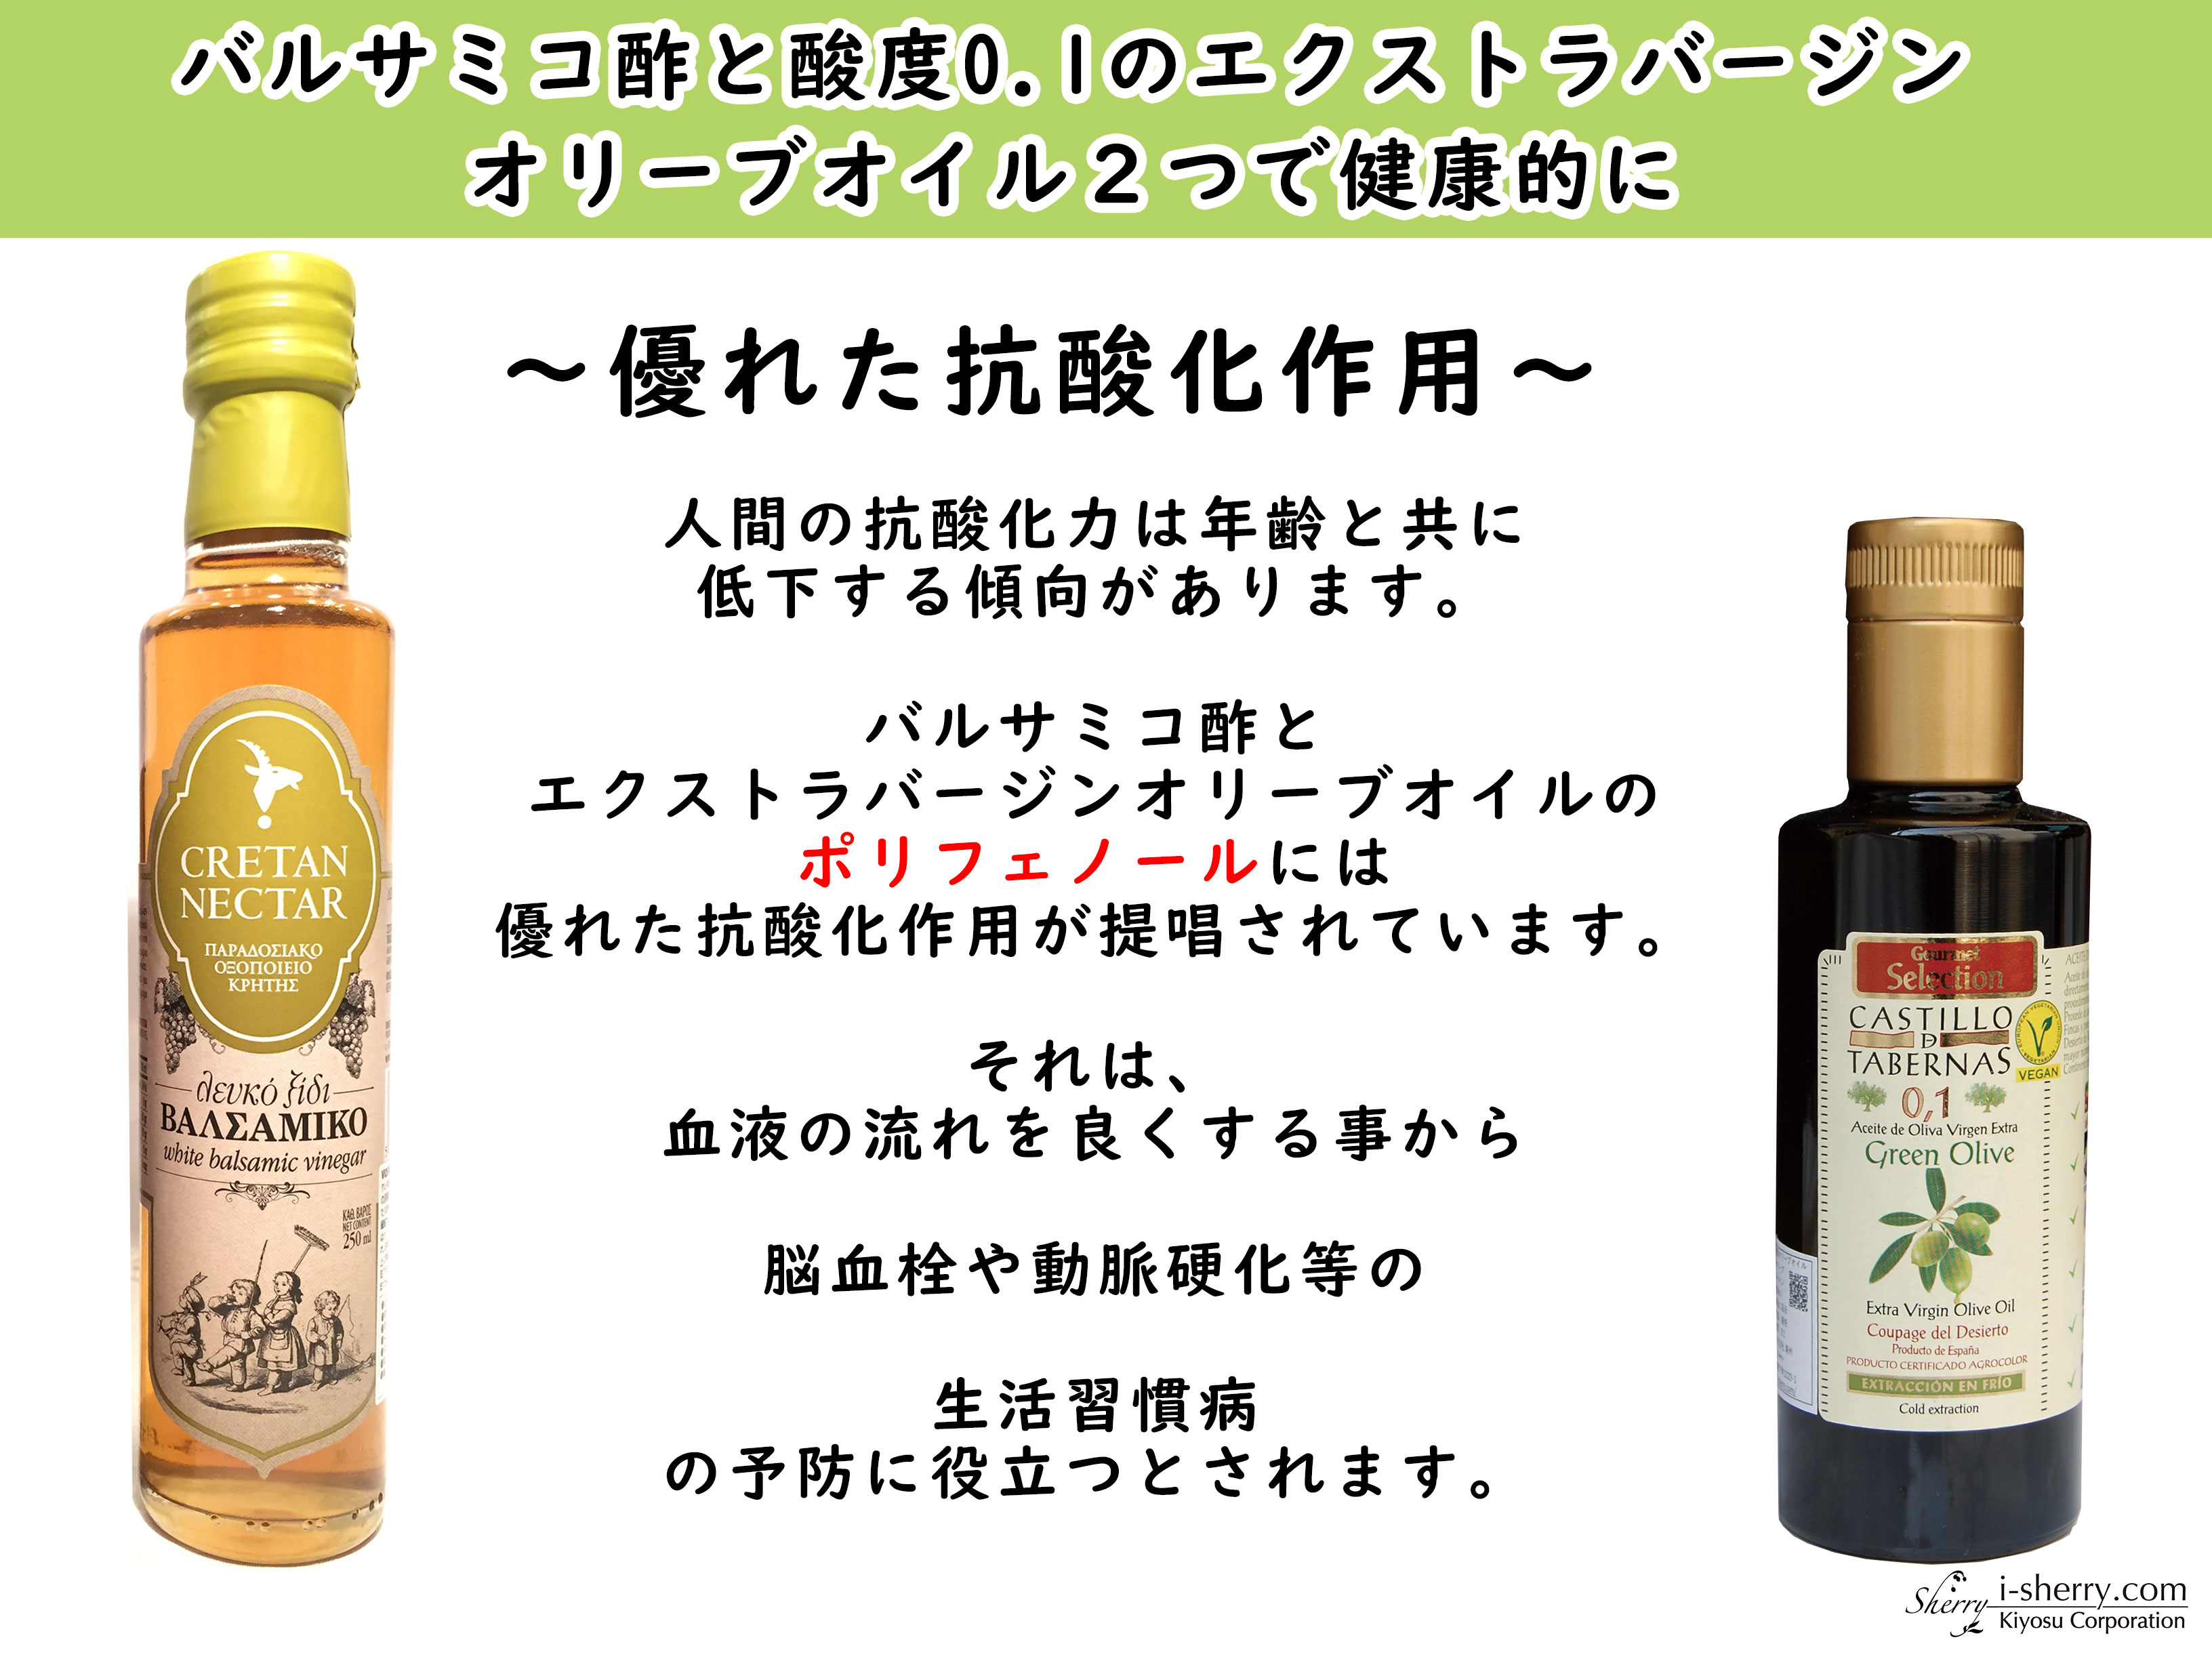 【新商品】カスティージョ・デ・タベルナス0.1&白バルサミコ酢のセットが登場しました